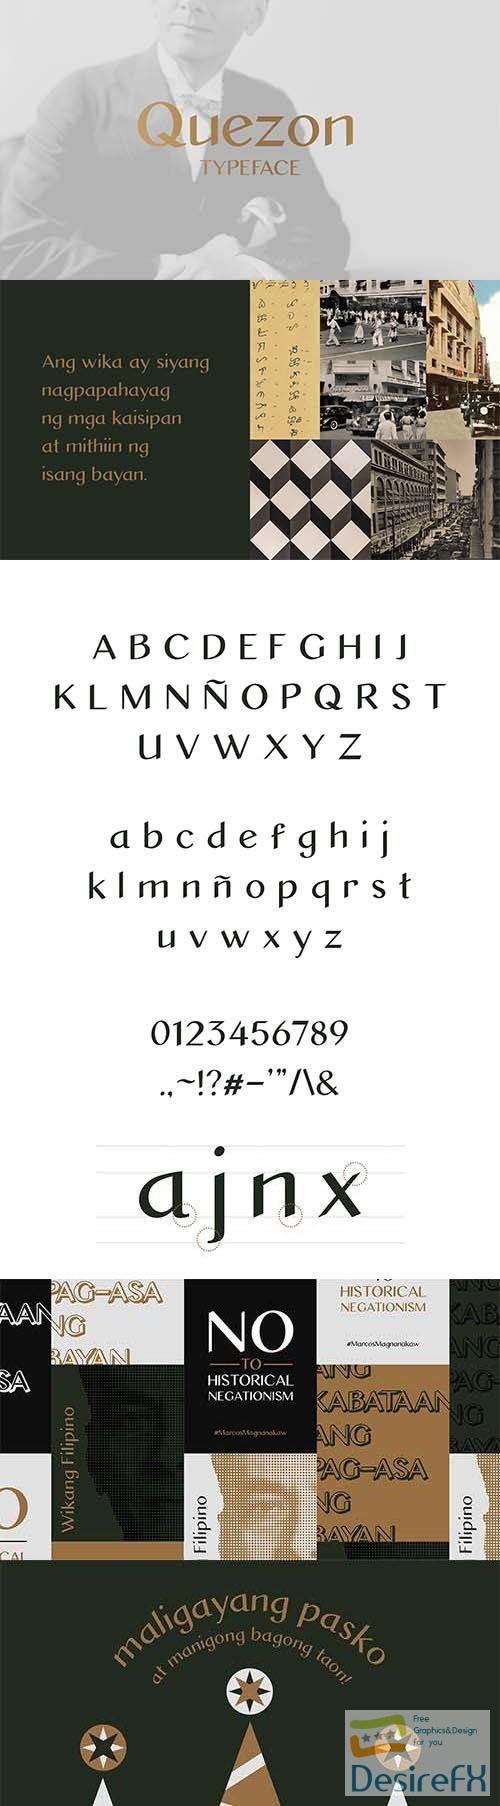 Quezon Sans Typeface